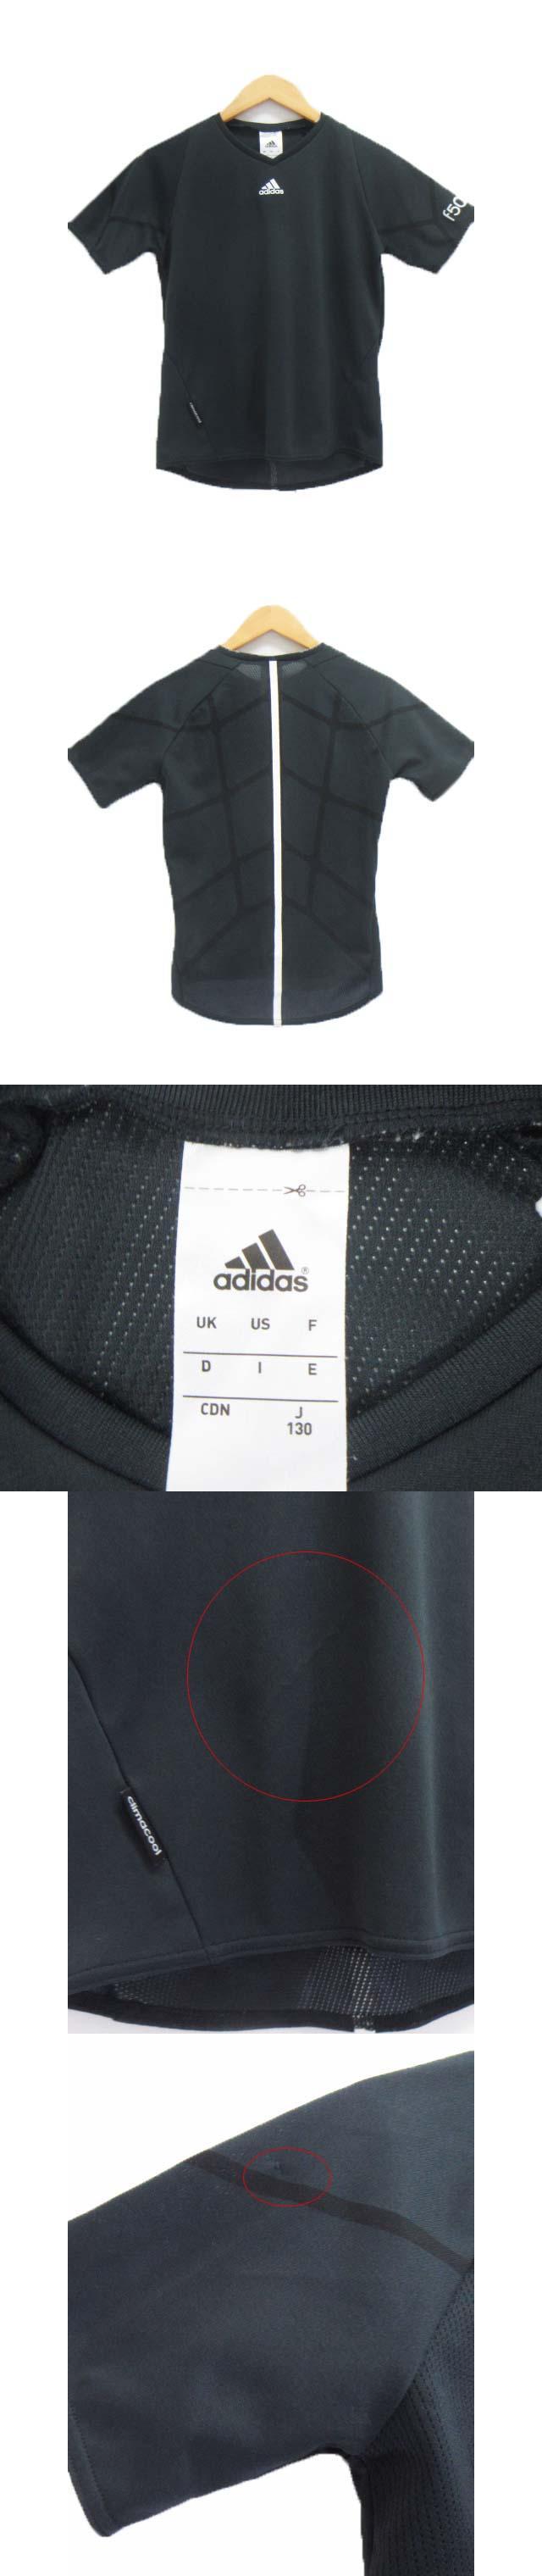 スポーツウェア Tシャツ バックメッシュ 半袖 130 グレー